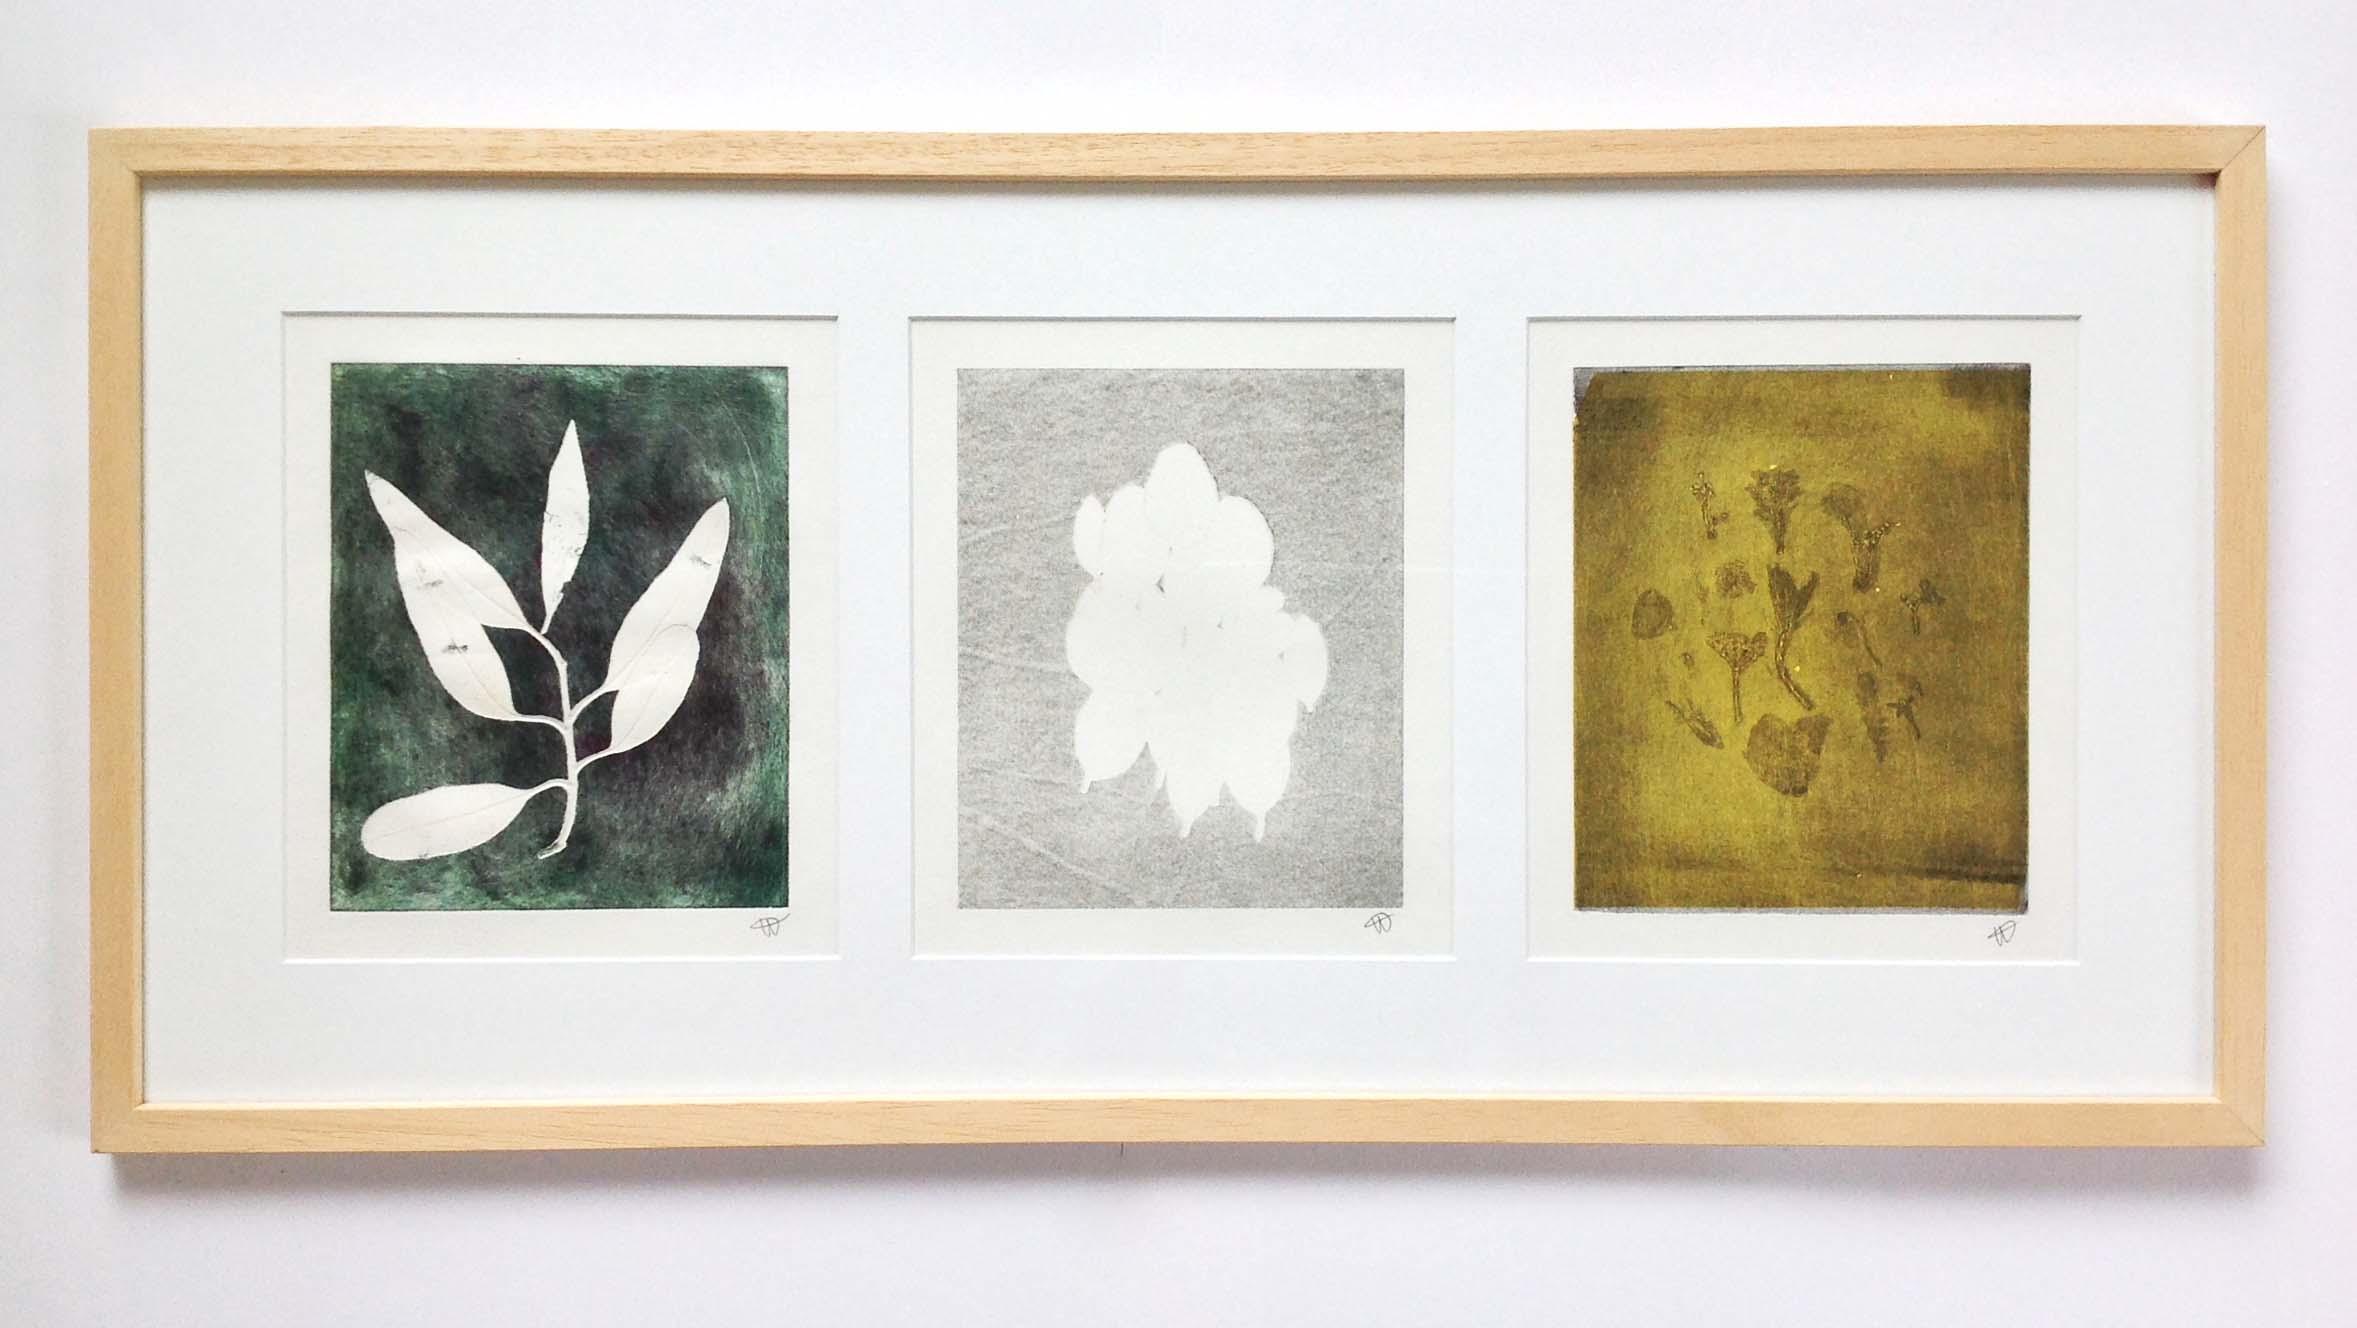 herbier caroline wehbe 2015 gravure engreving plants monotype print 201 art